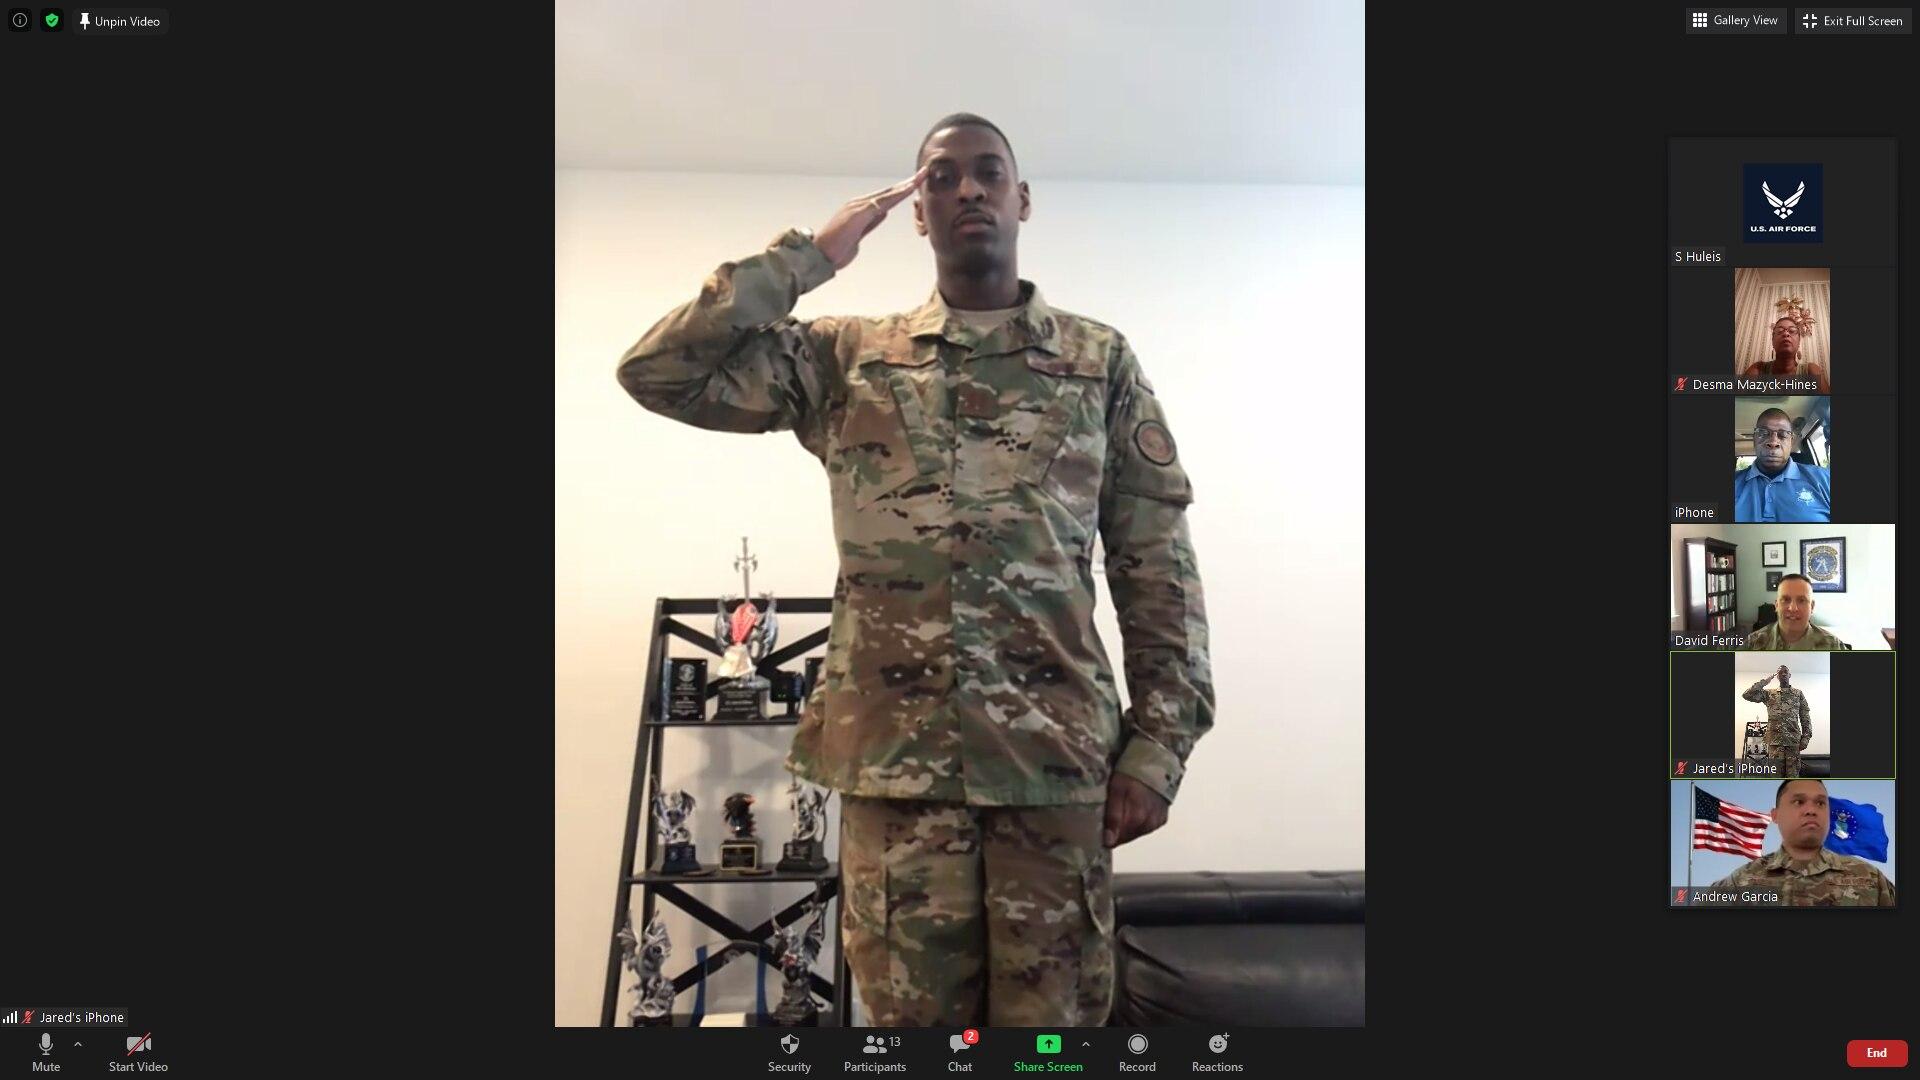 A man salutes